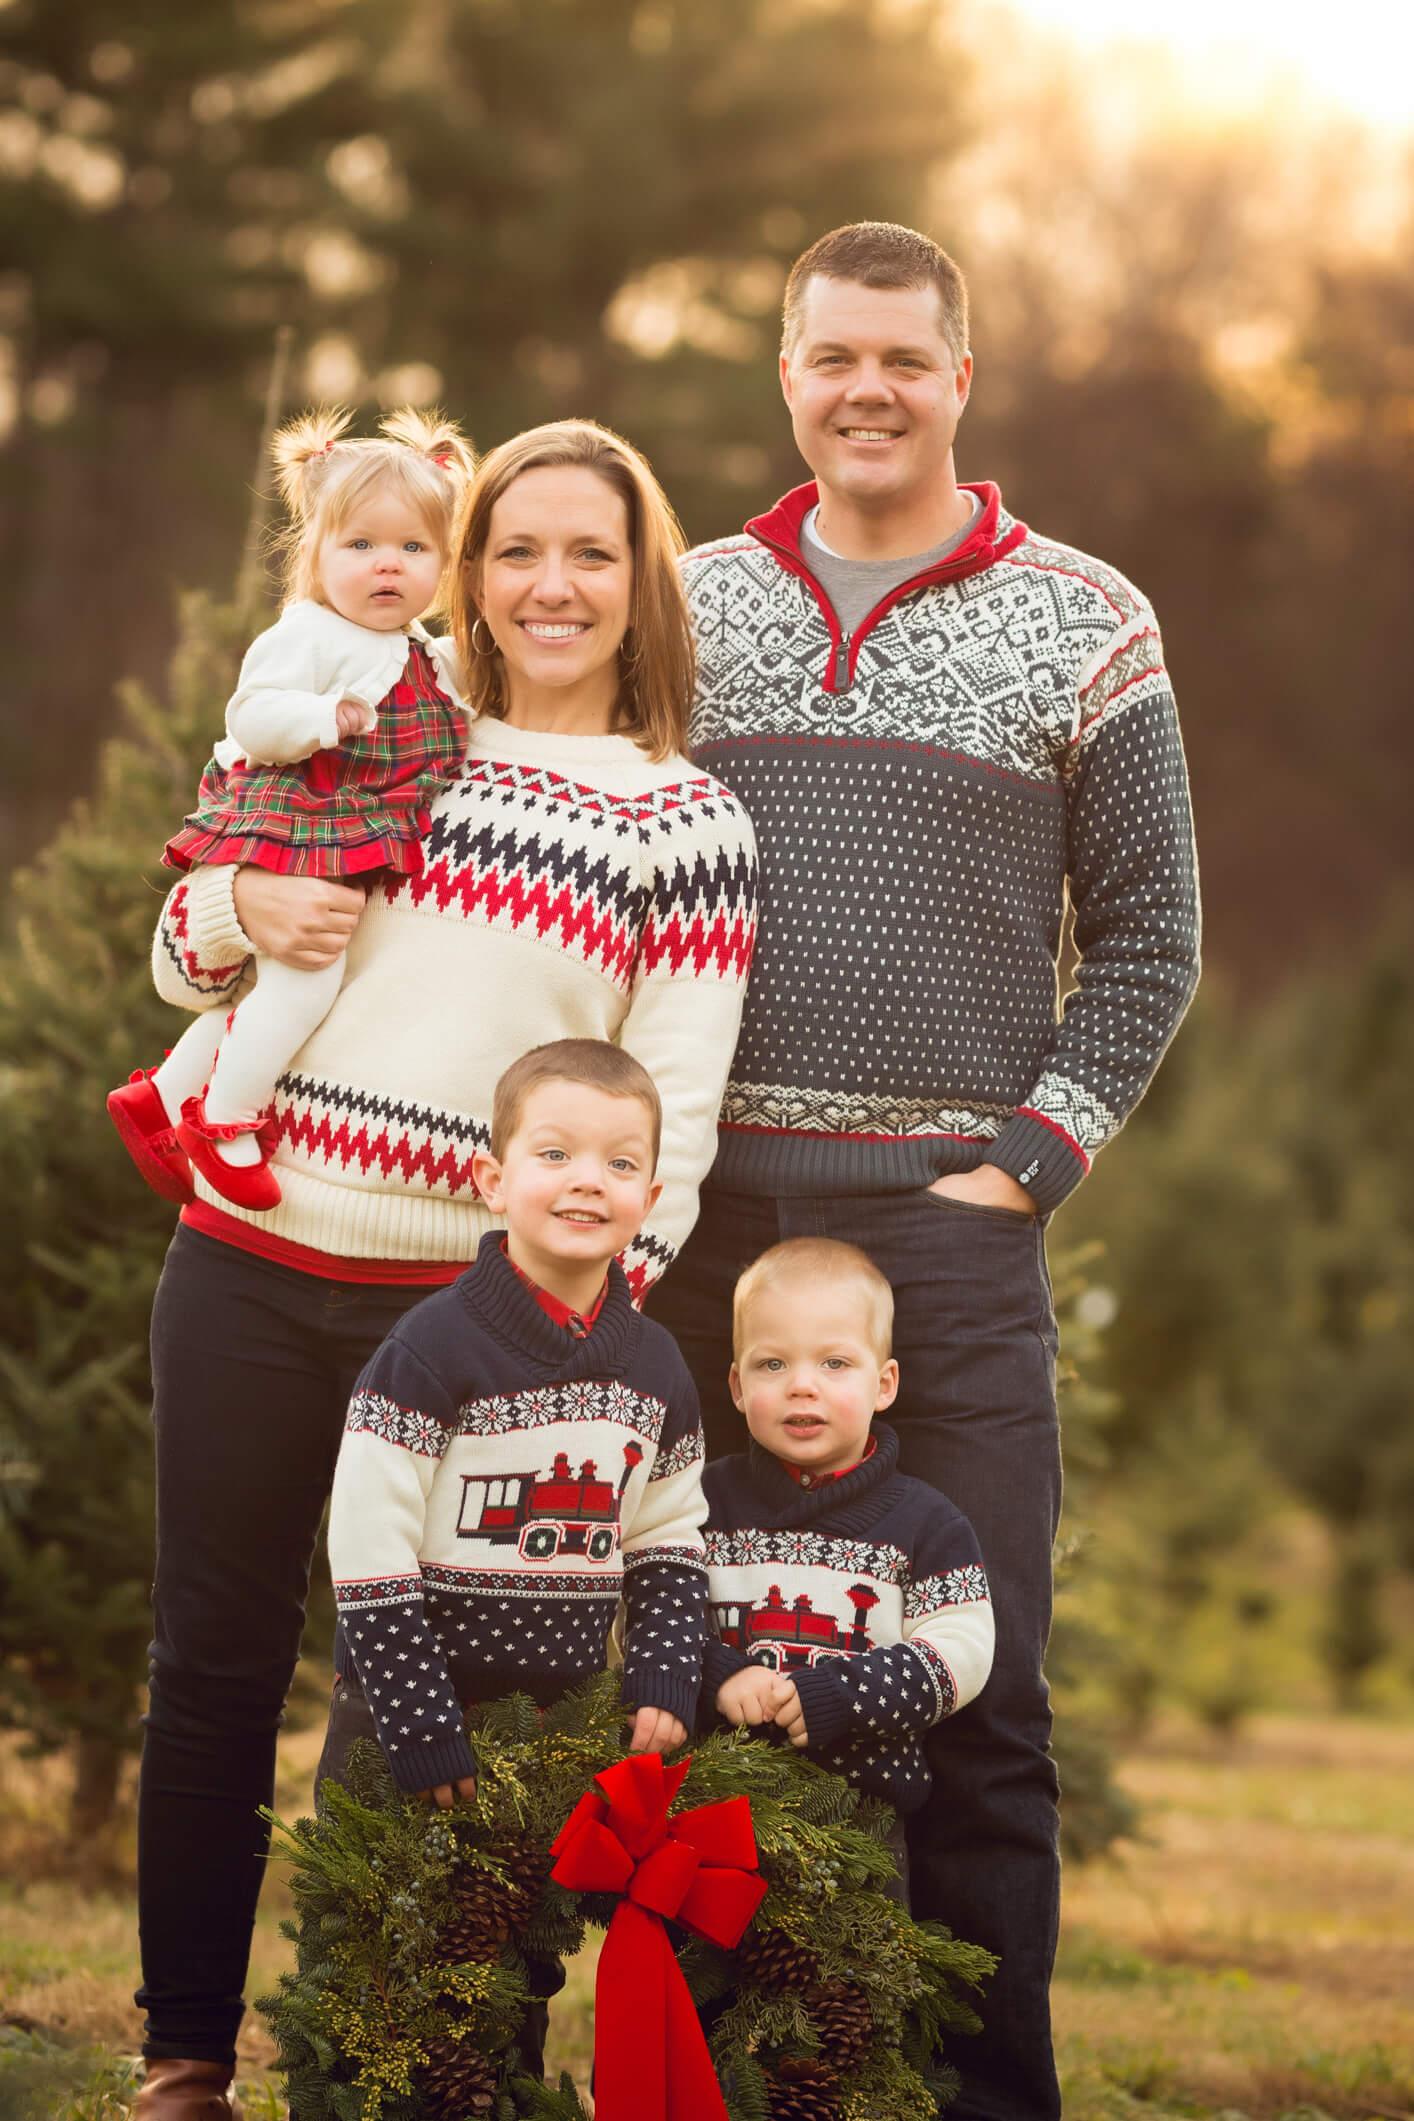 Tree Farm Holiday Fine Art Portraits, Family Photography Boston